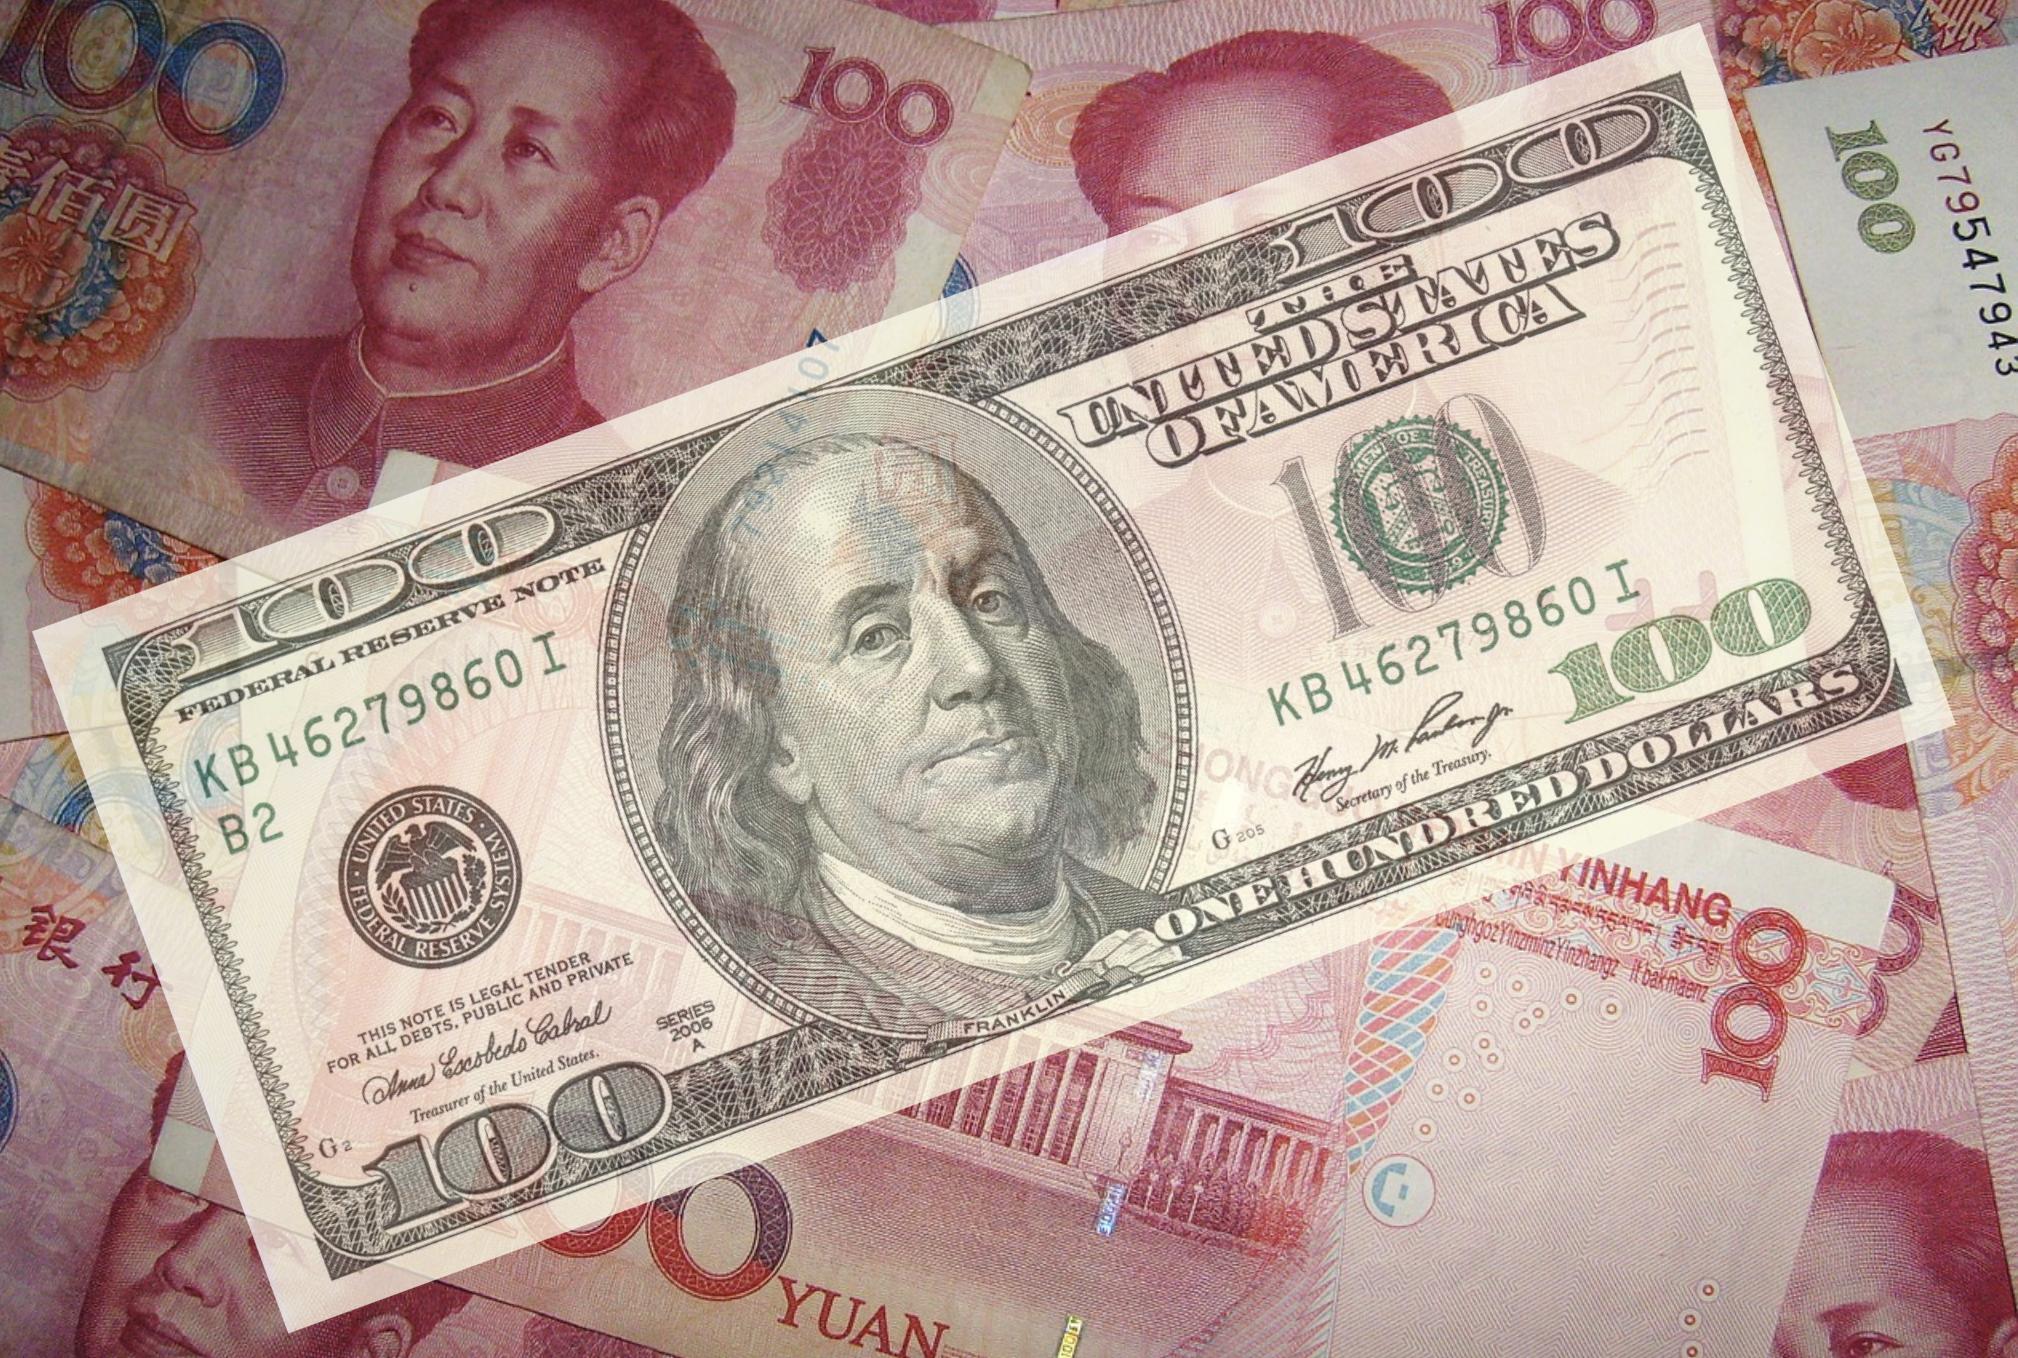 美中貿易戰失控,中國被列為匯率操縱國(圖/人民幣:PublicDomainPictures from Pixabay。美金/US)